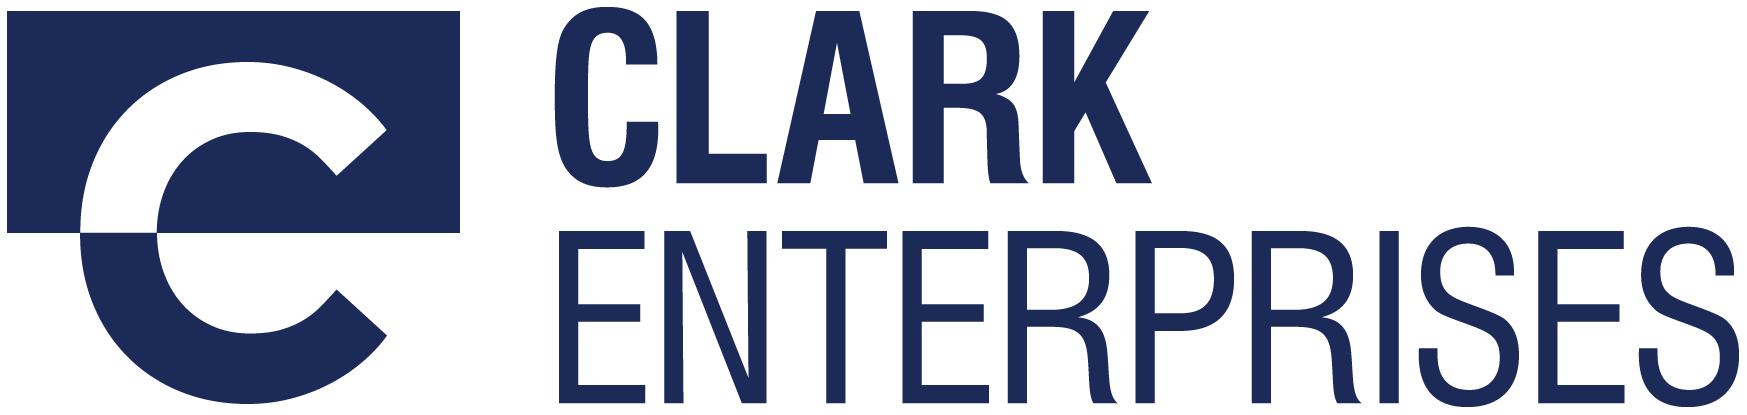 Clark Enterprises.jpg